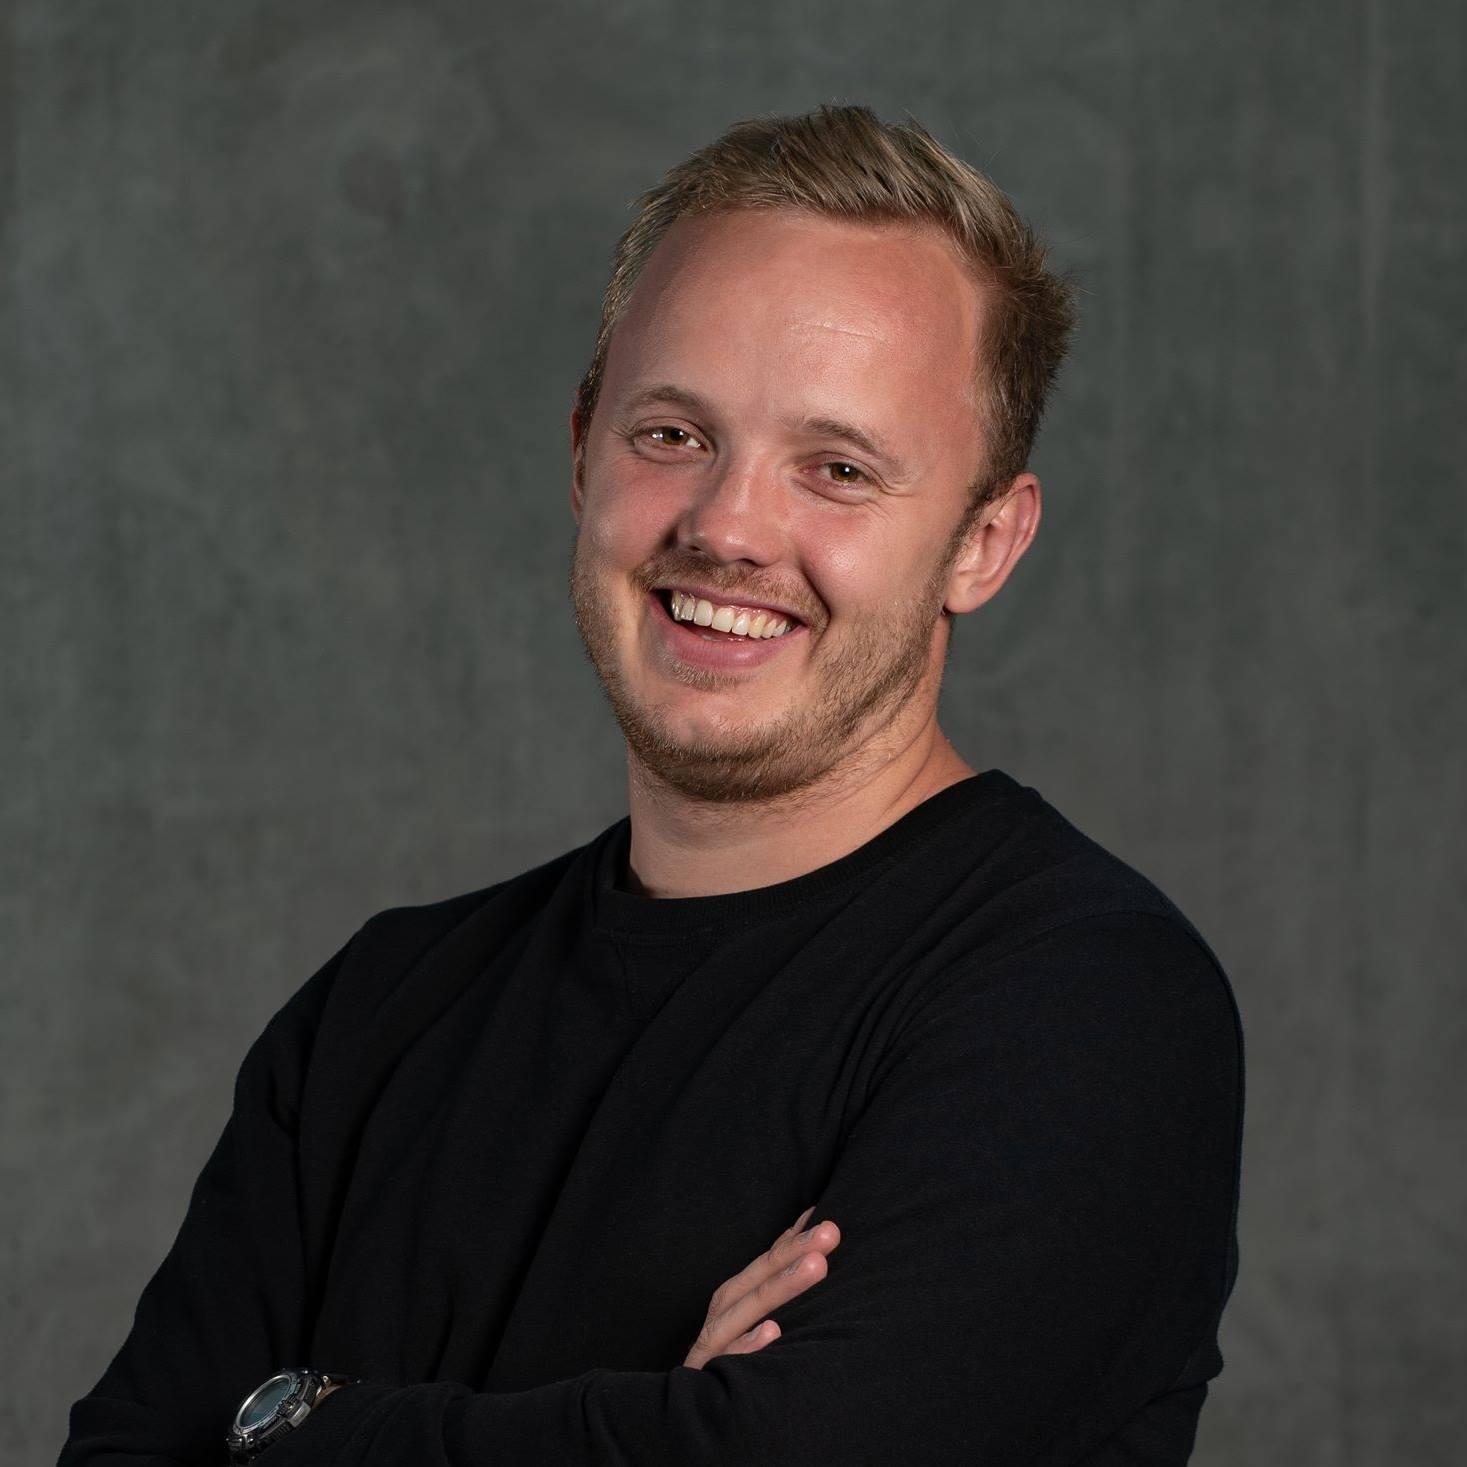 Trond Ivar Unsgaard